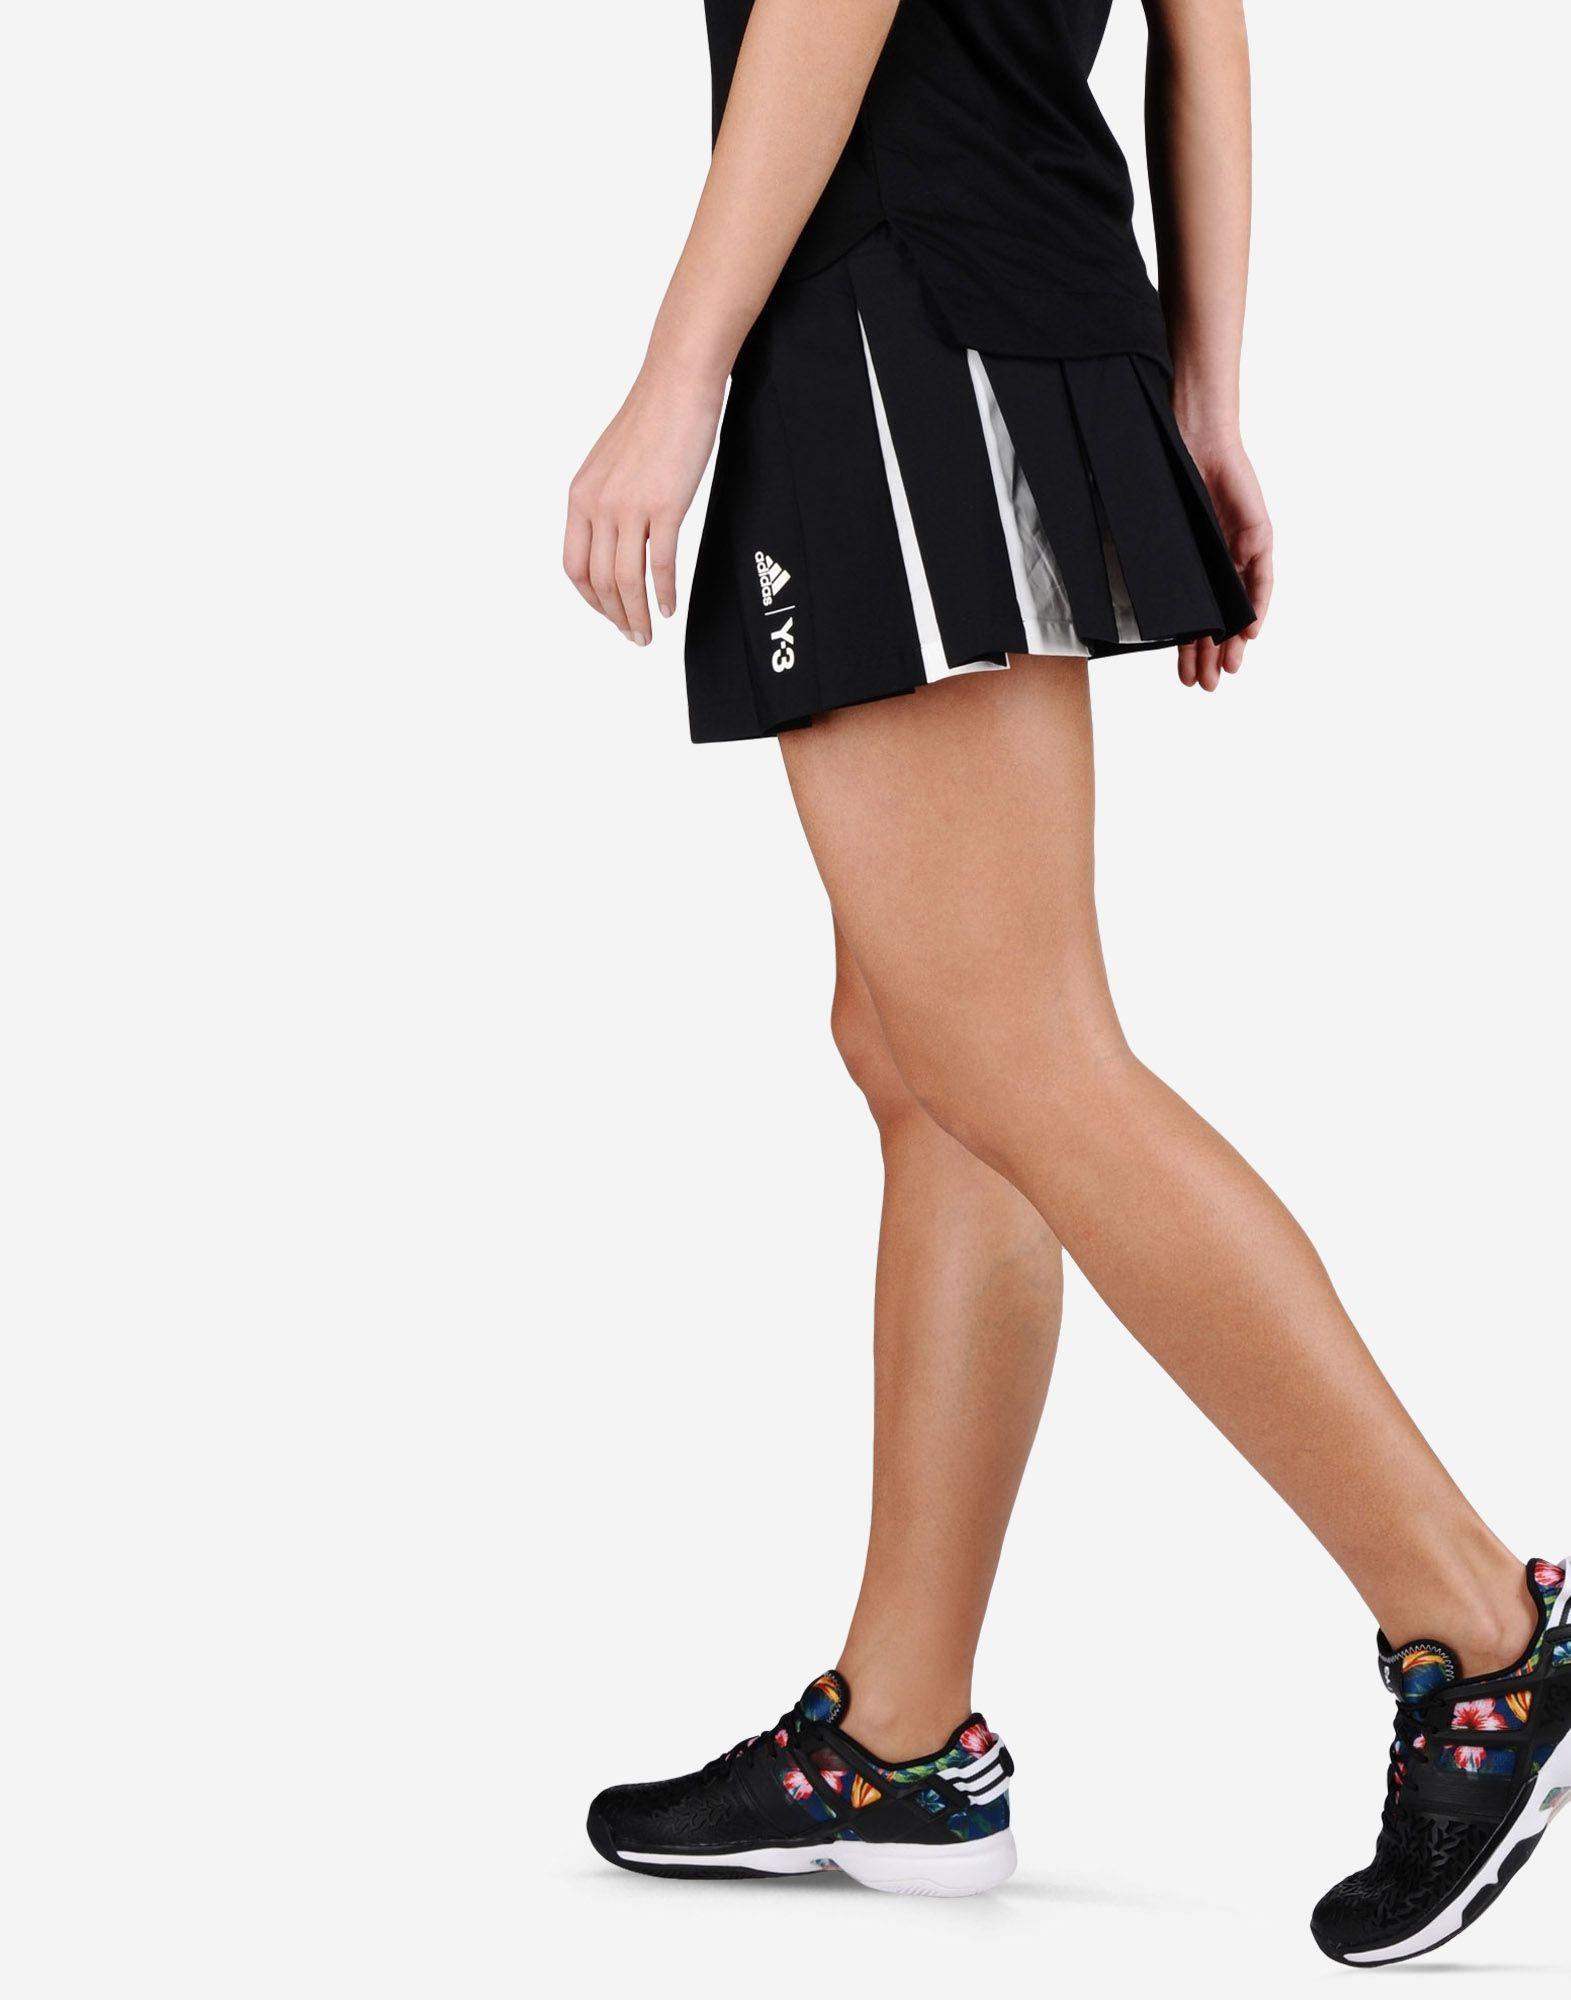 16cbbf9225 Roland Garros Y 3 Skort Minigonne   Adidas Y-3 Sito ...